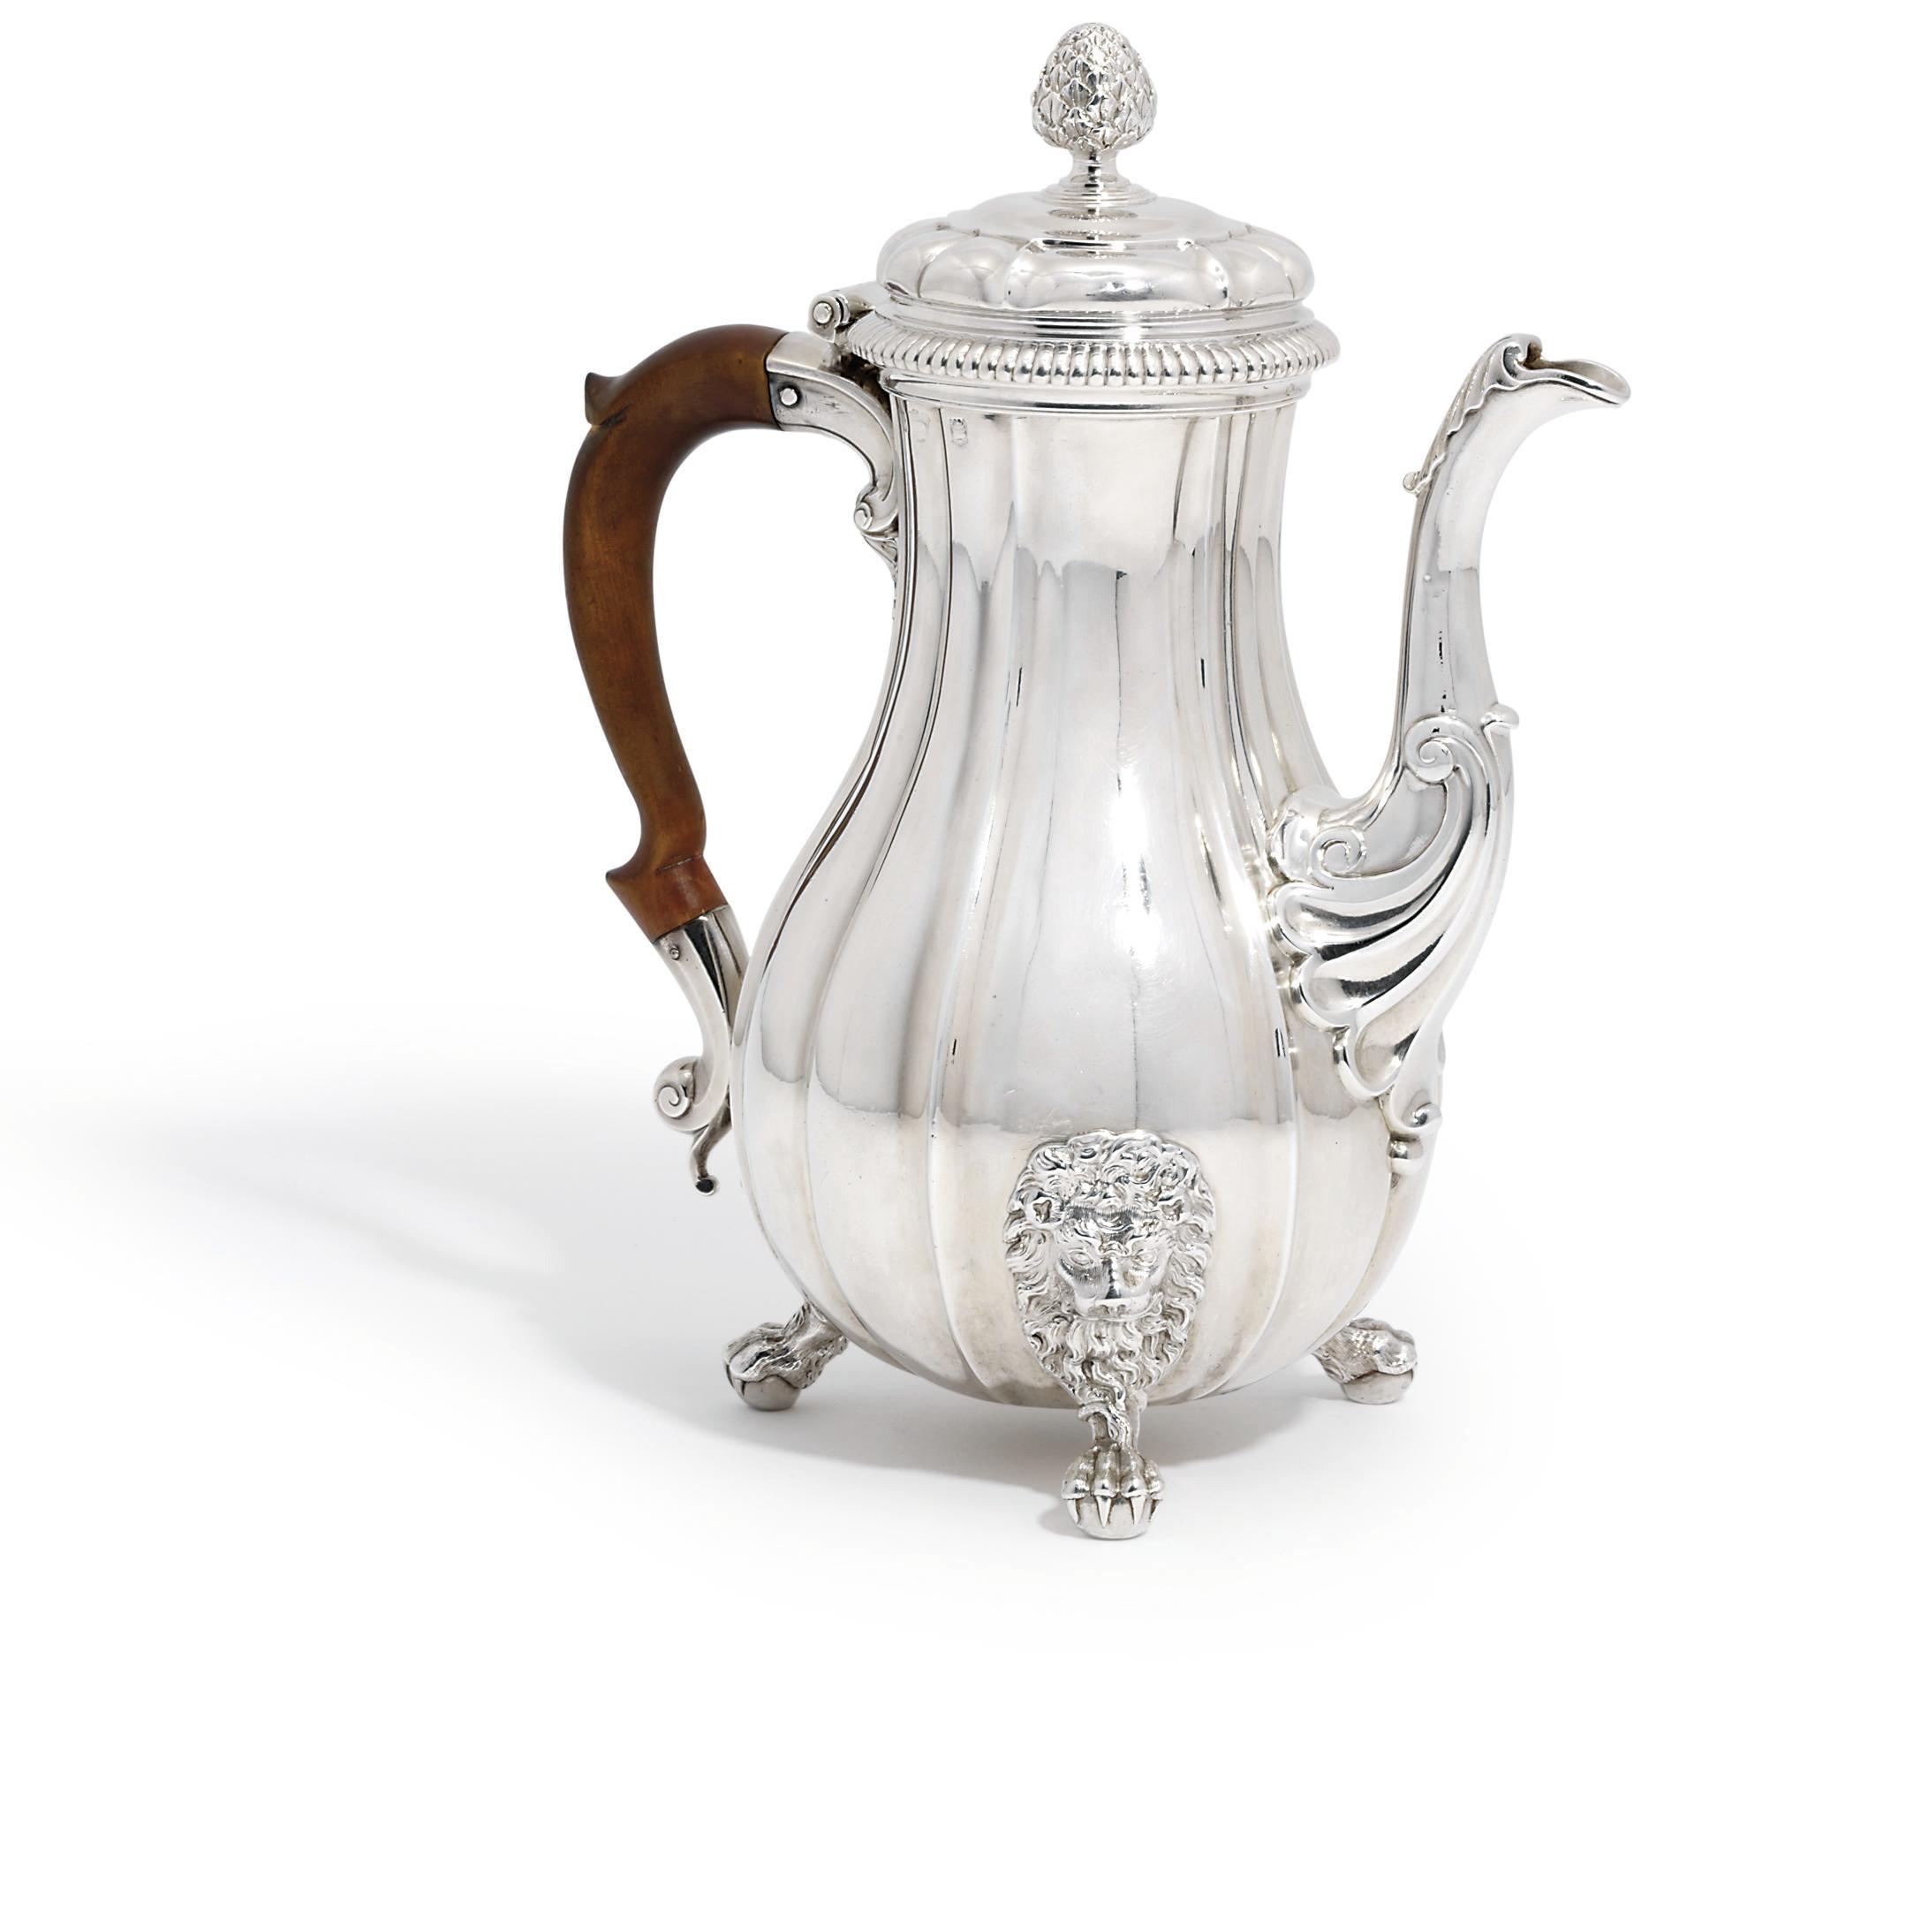 A GEORGE II SILVER COFFEE-POT